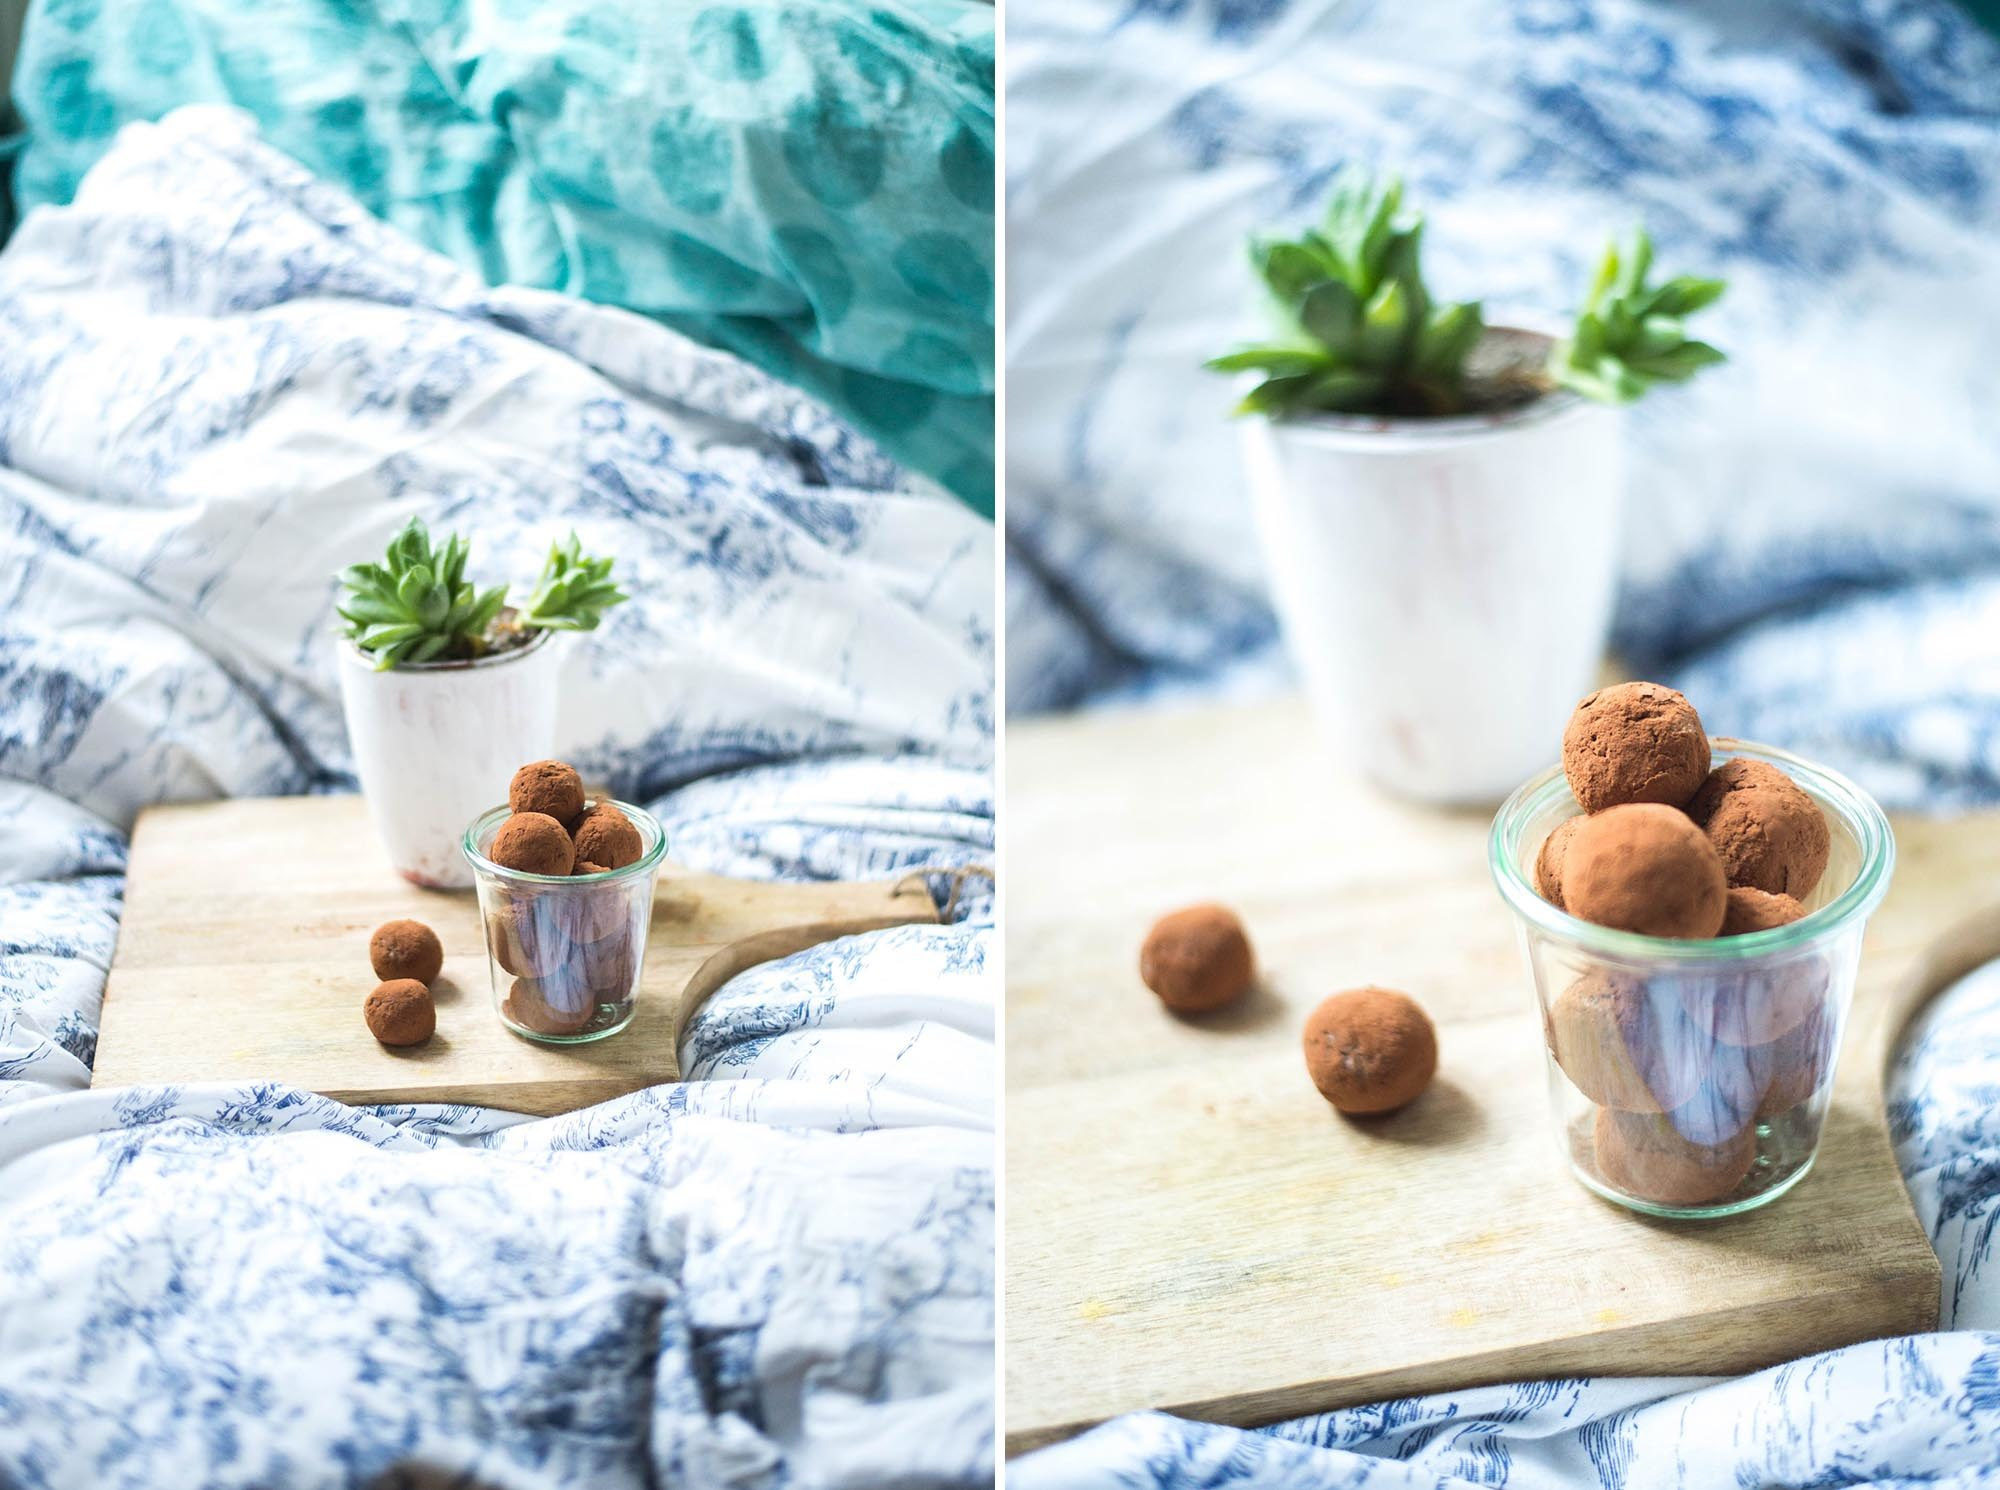 vegan pumpkin spice gingerbread energy balls dogdays of summer vintage onlineshop store graz österreich austria